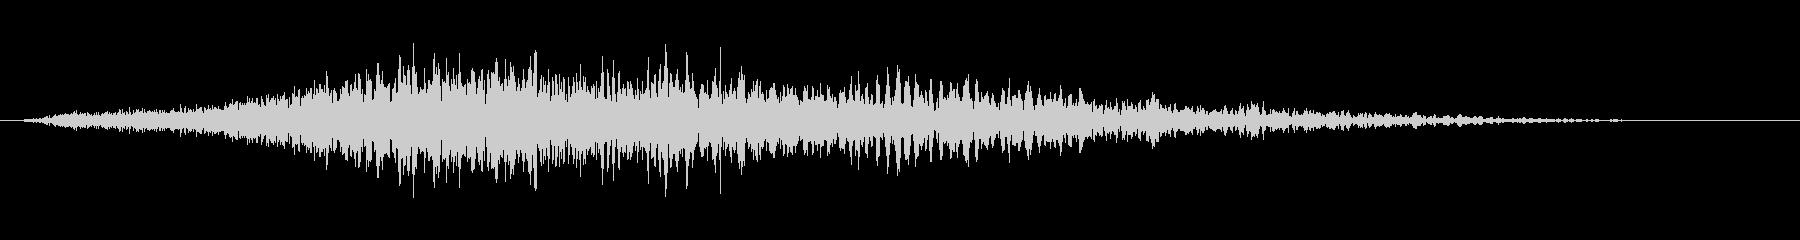 ジー、スモールスタジオオーディエンスの未再生の波形